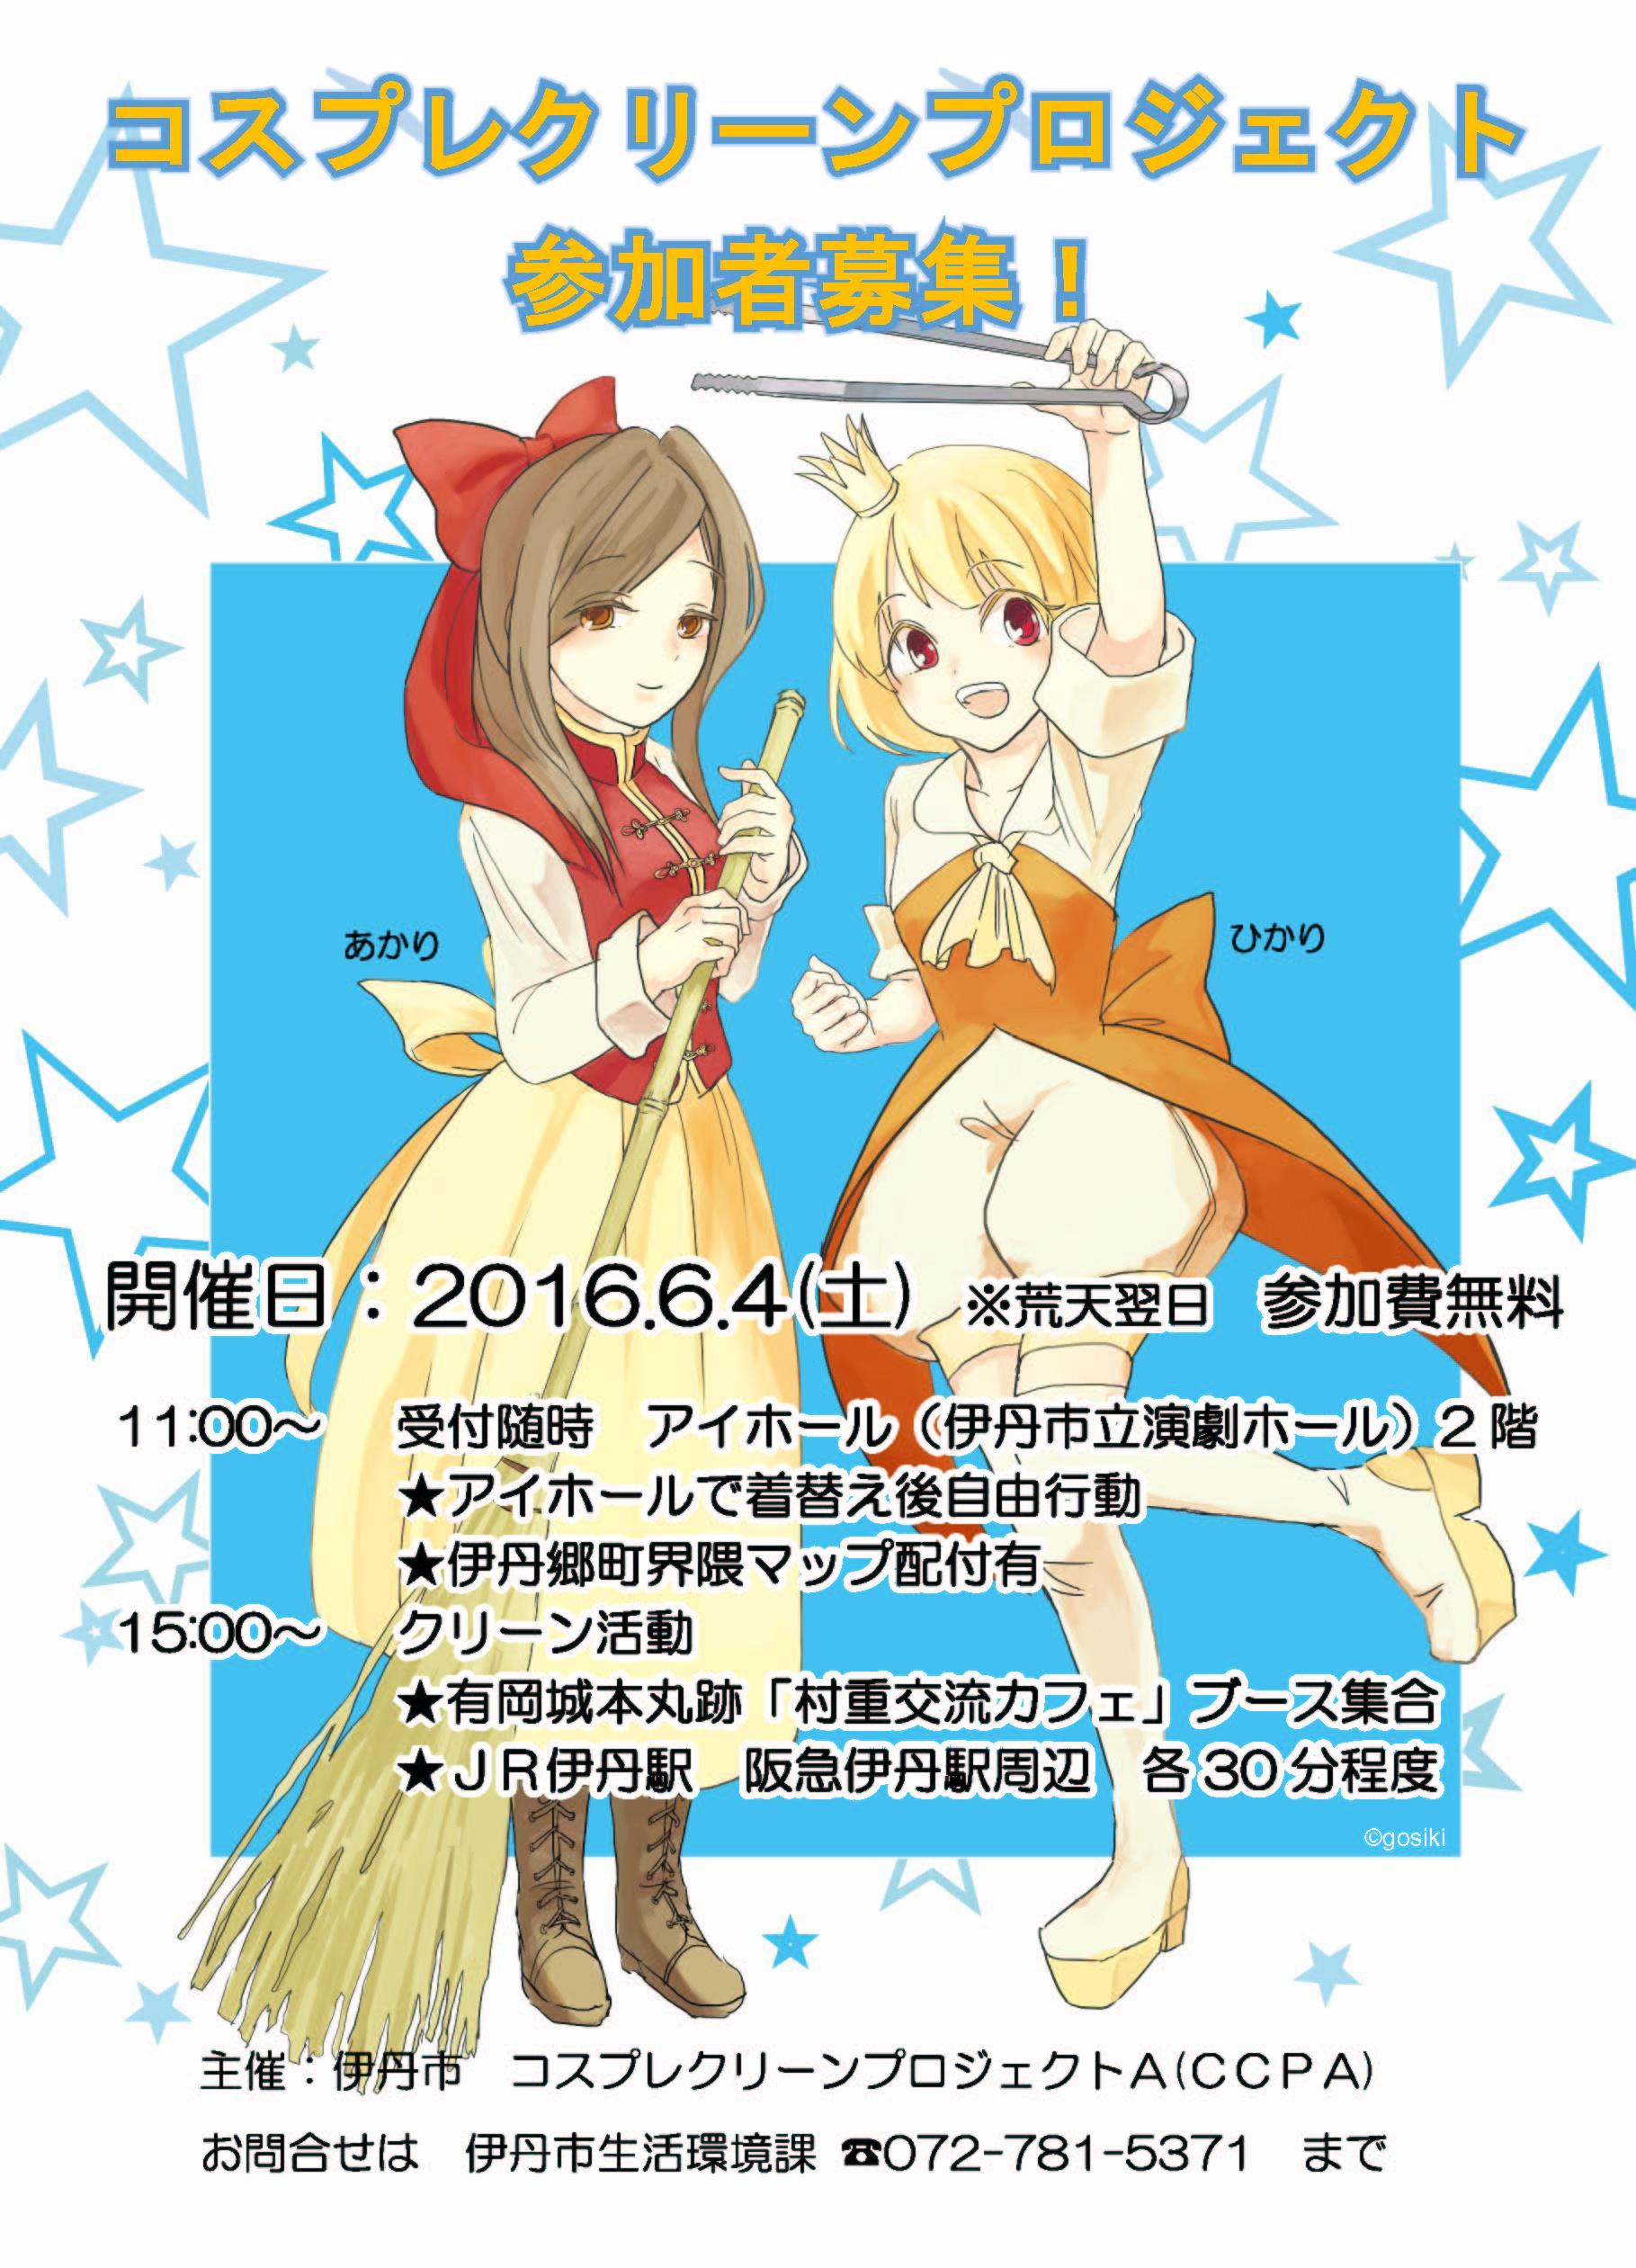 28CCPポスター6.4手修正_0001